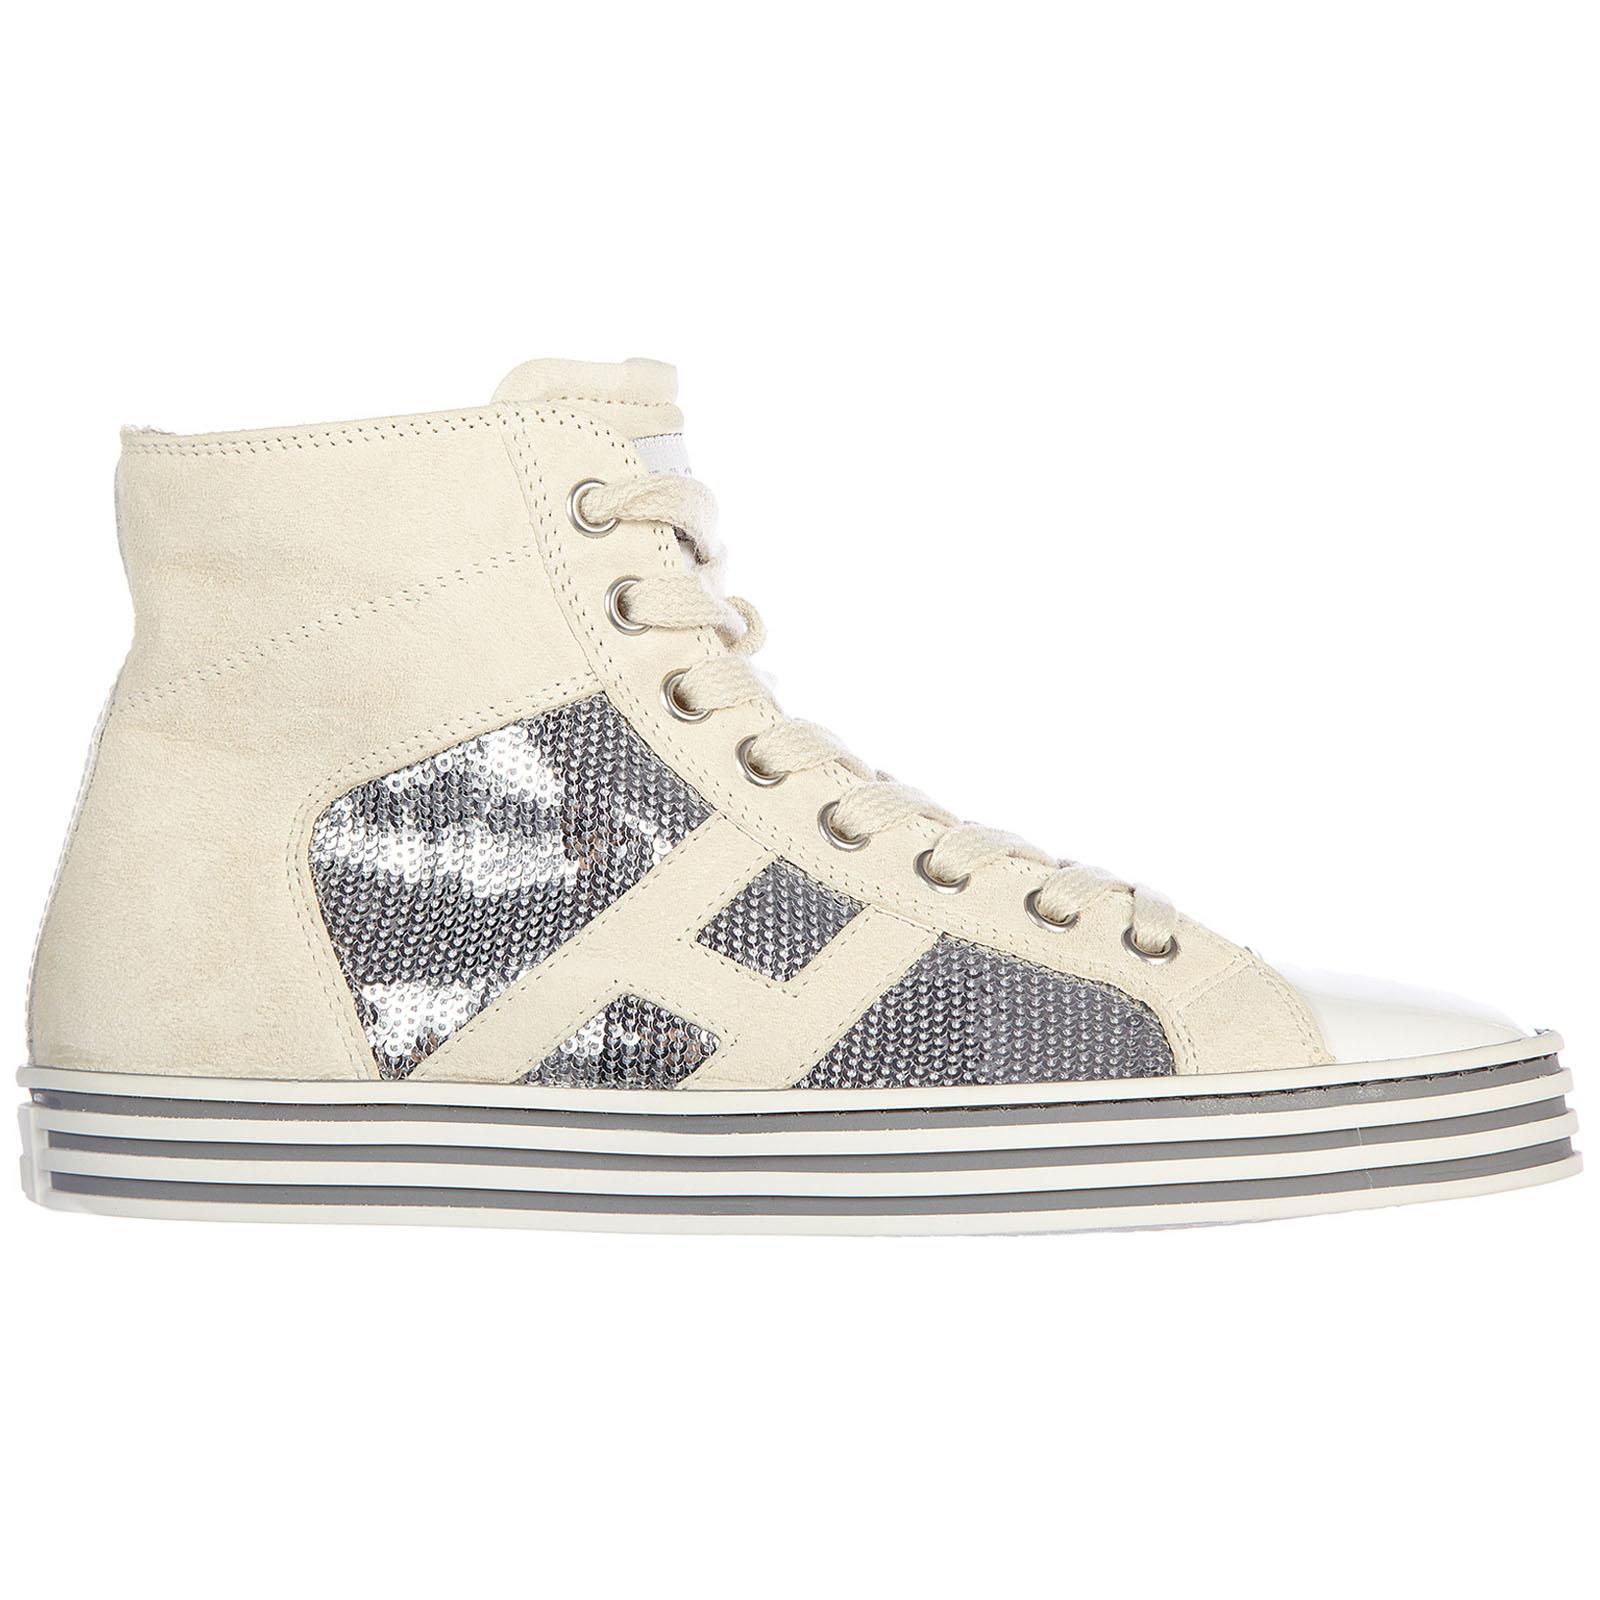 Scarpe sneakers alte donna in camoscio r141 rebel vintage